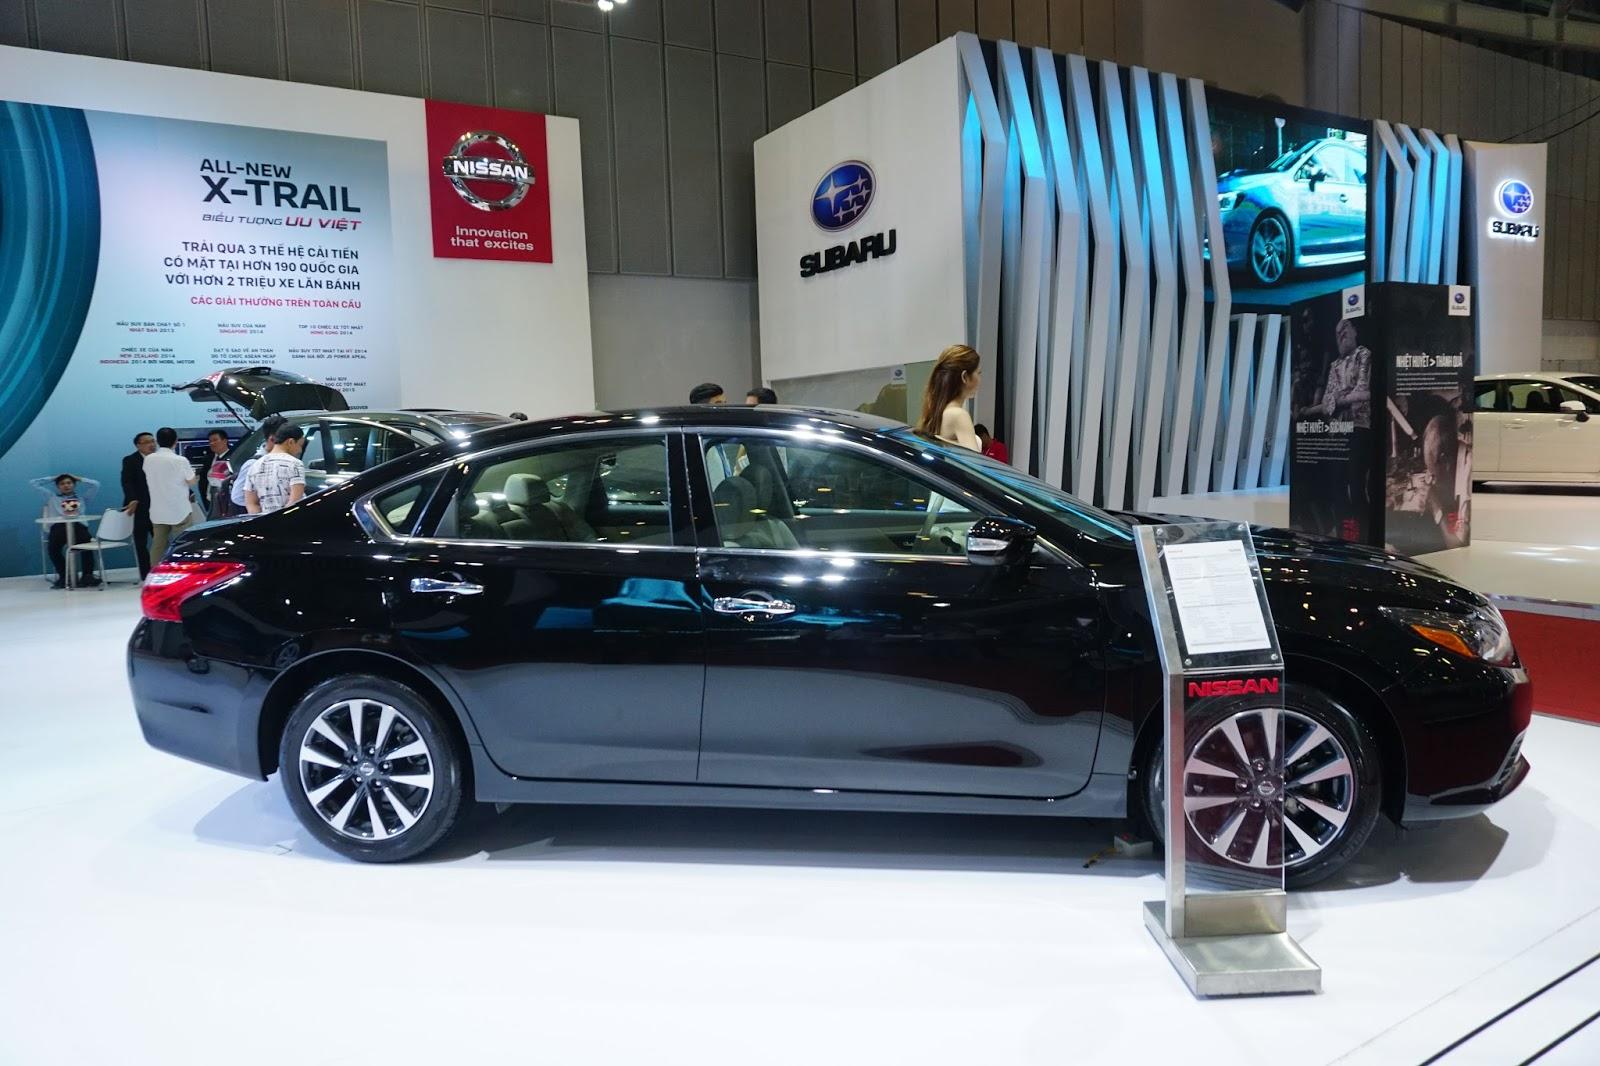 Nissan Teana 2017 vẫn chưa tạo được ấn tượng trong thiết kế